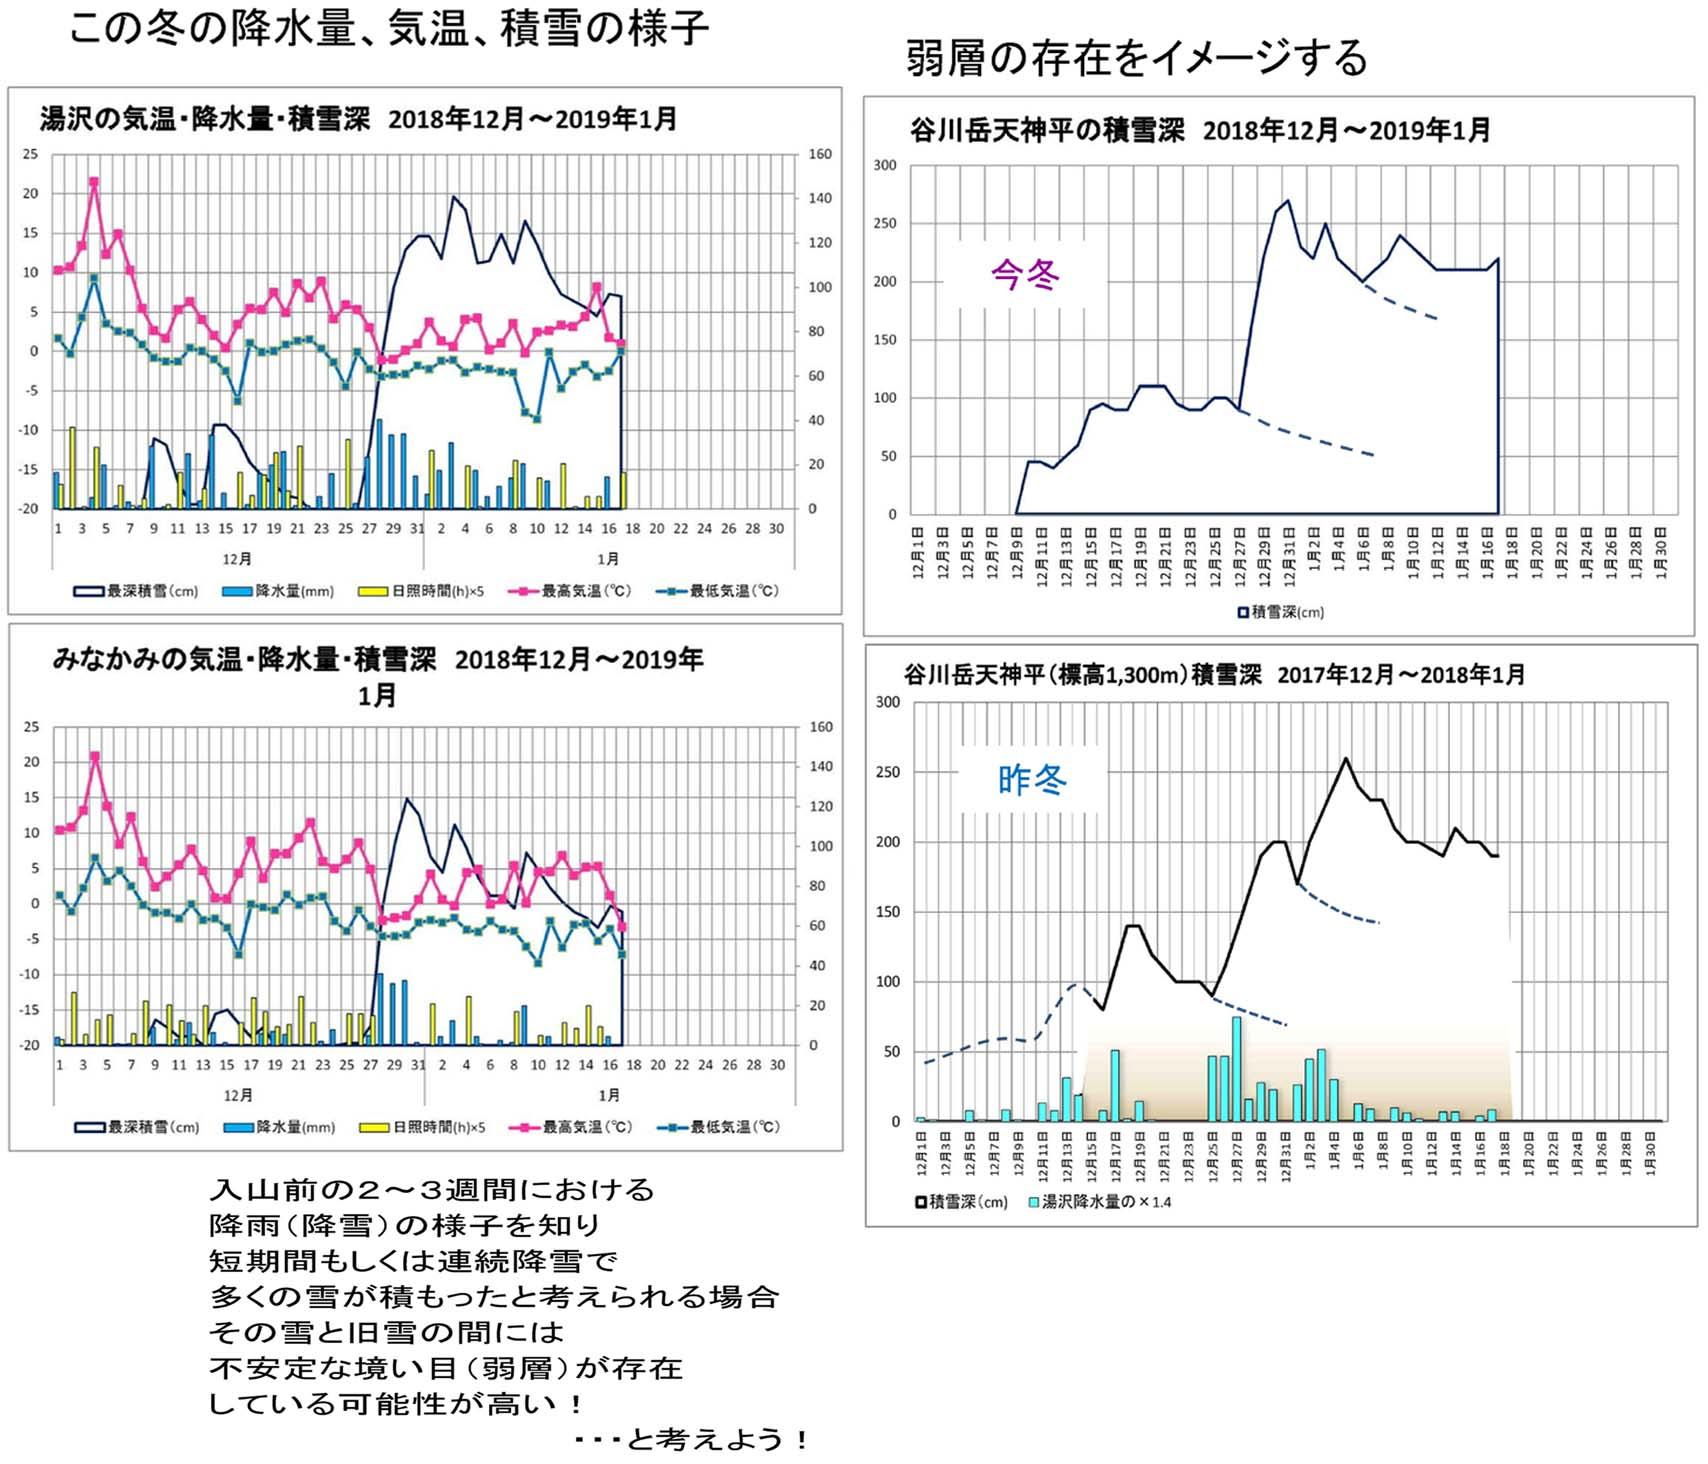 関東雪崩講習会 2019 (40)C